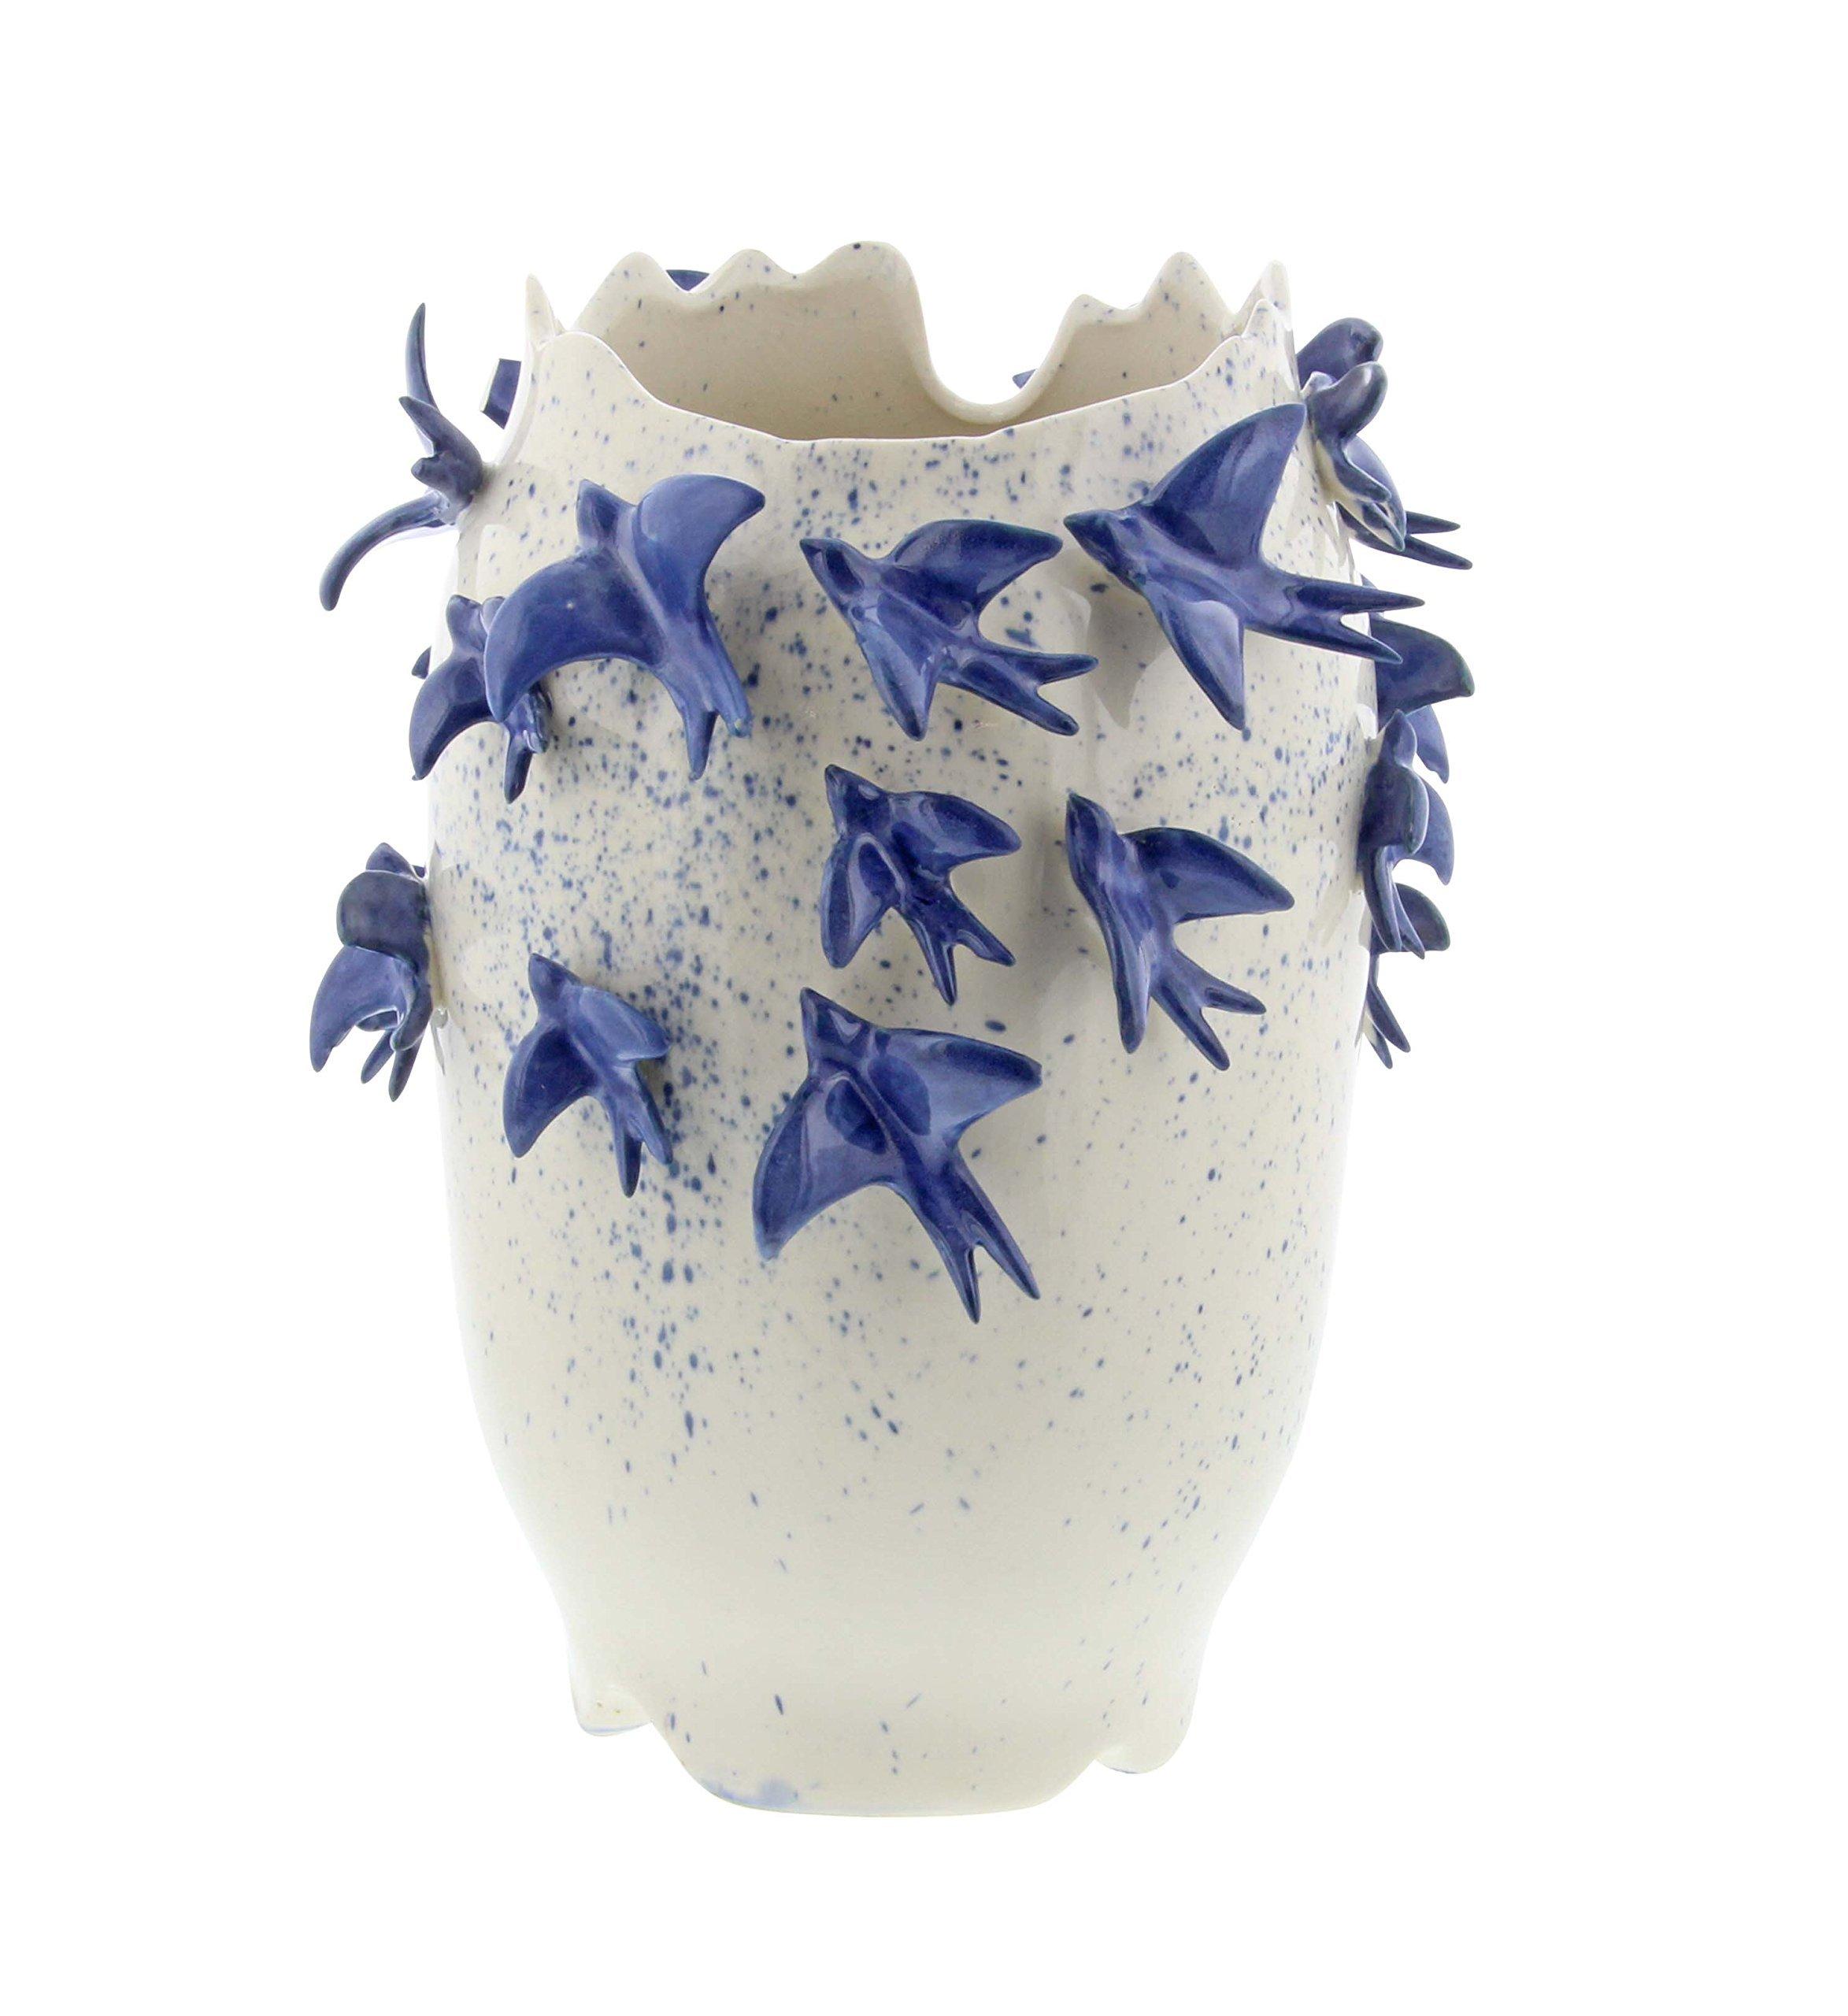 Deco 79 62182 Ceramic Bird Vase, 12'' x 9'', White/Blue